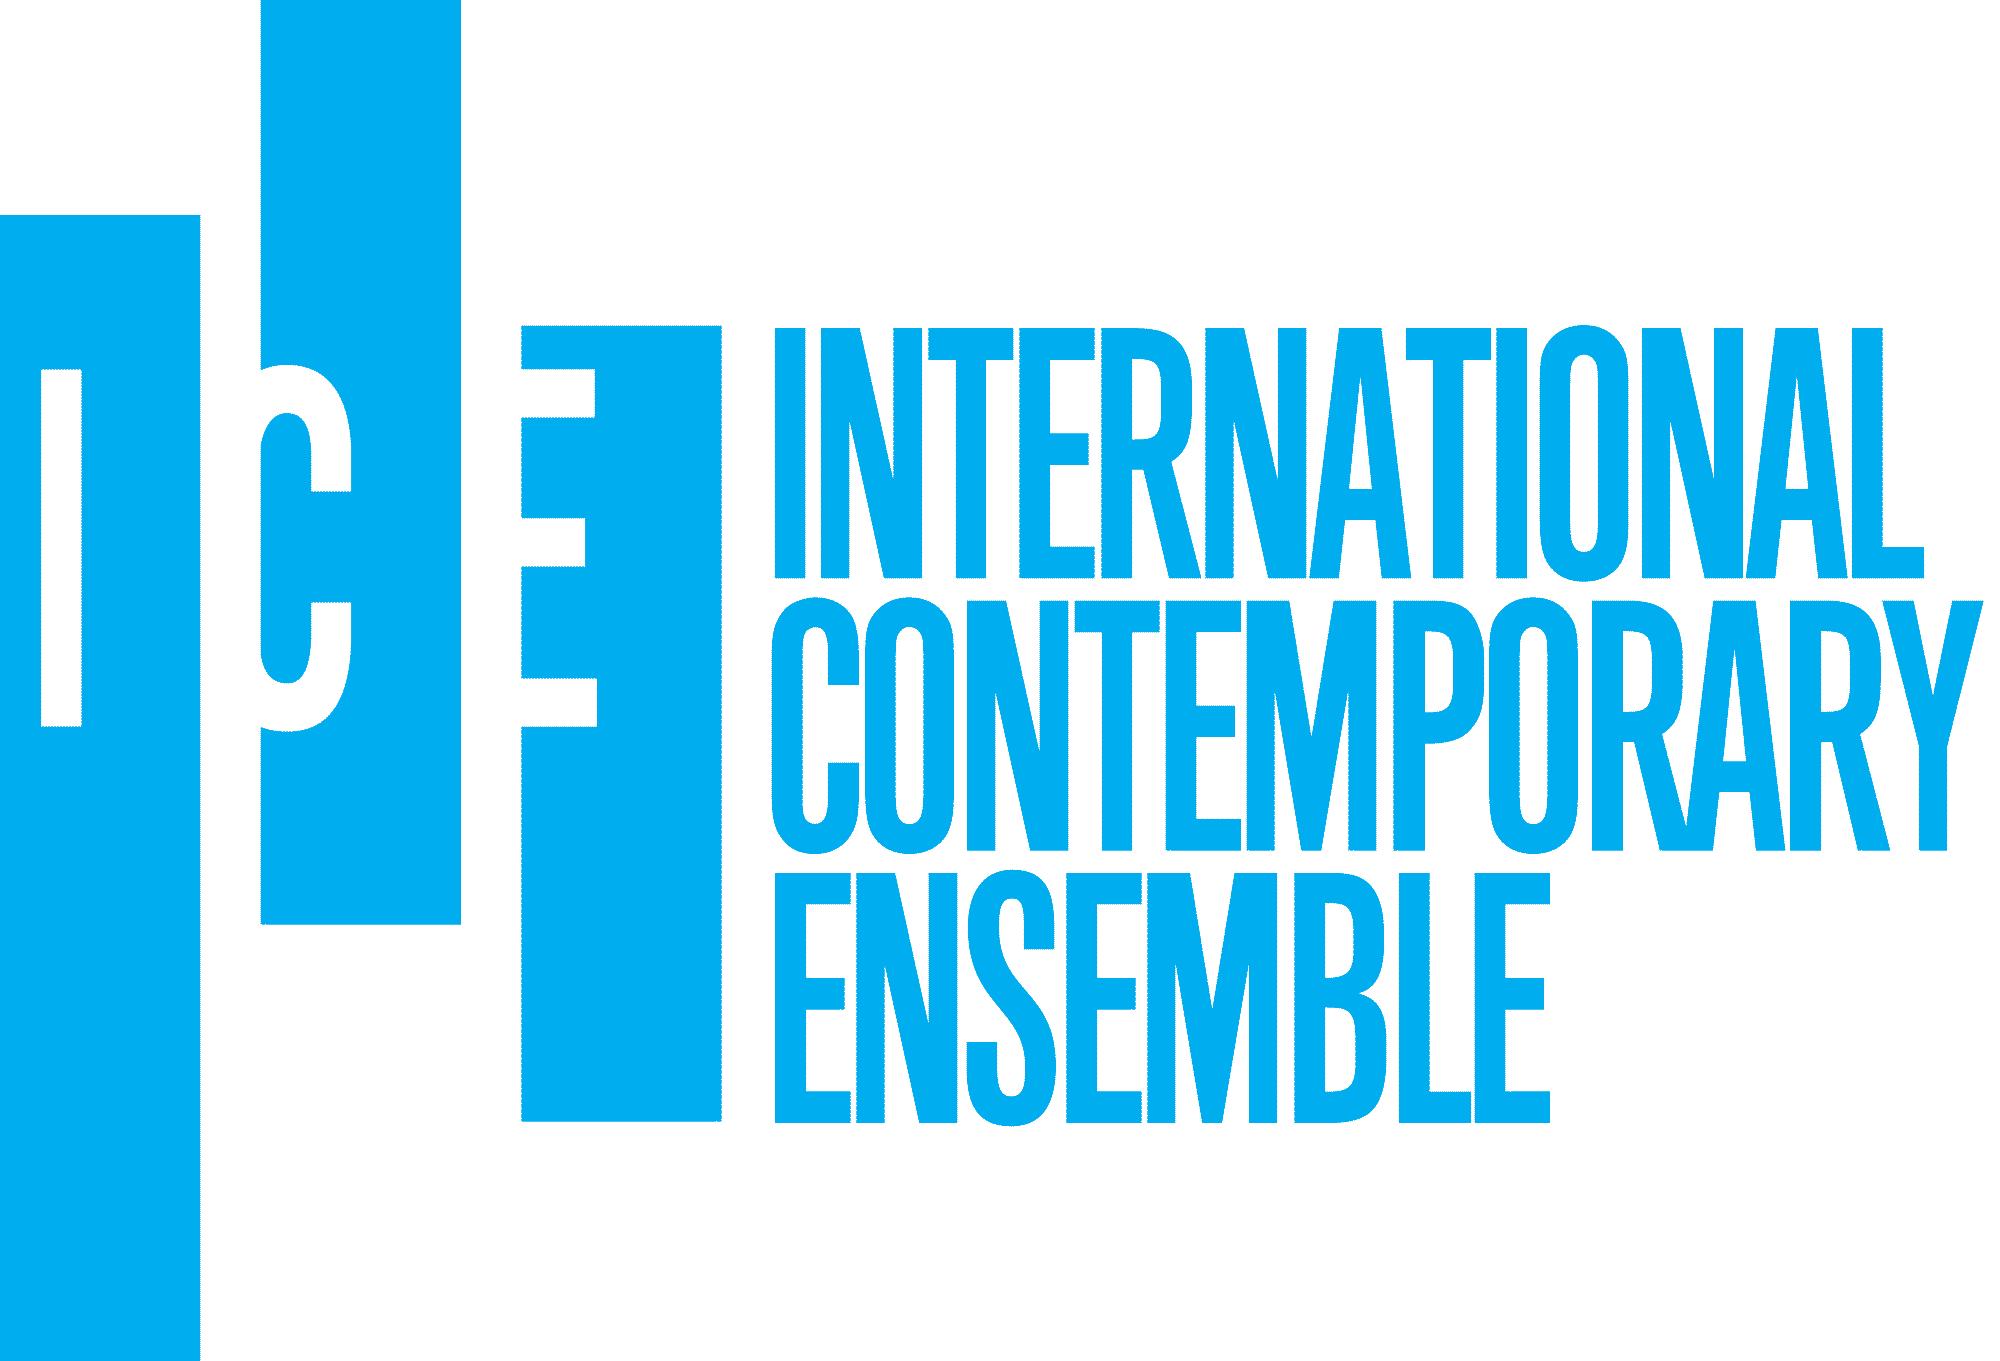 International_Contemporary_Ensemble_Logo